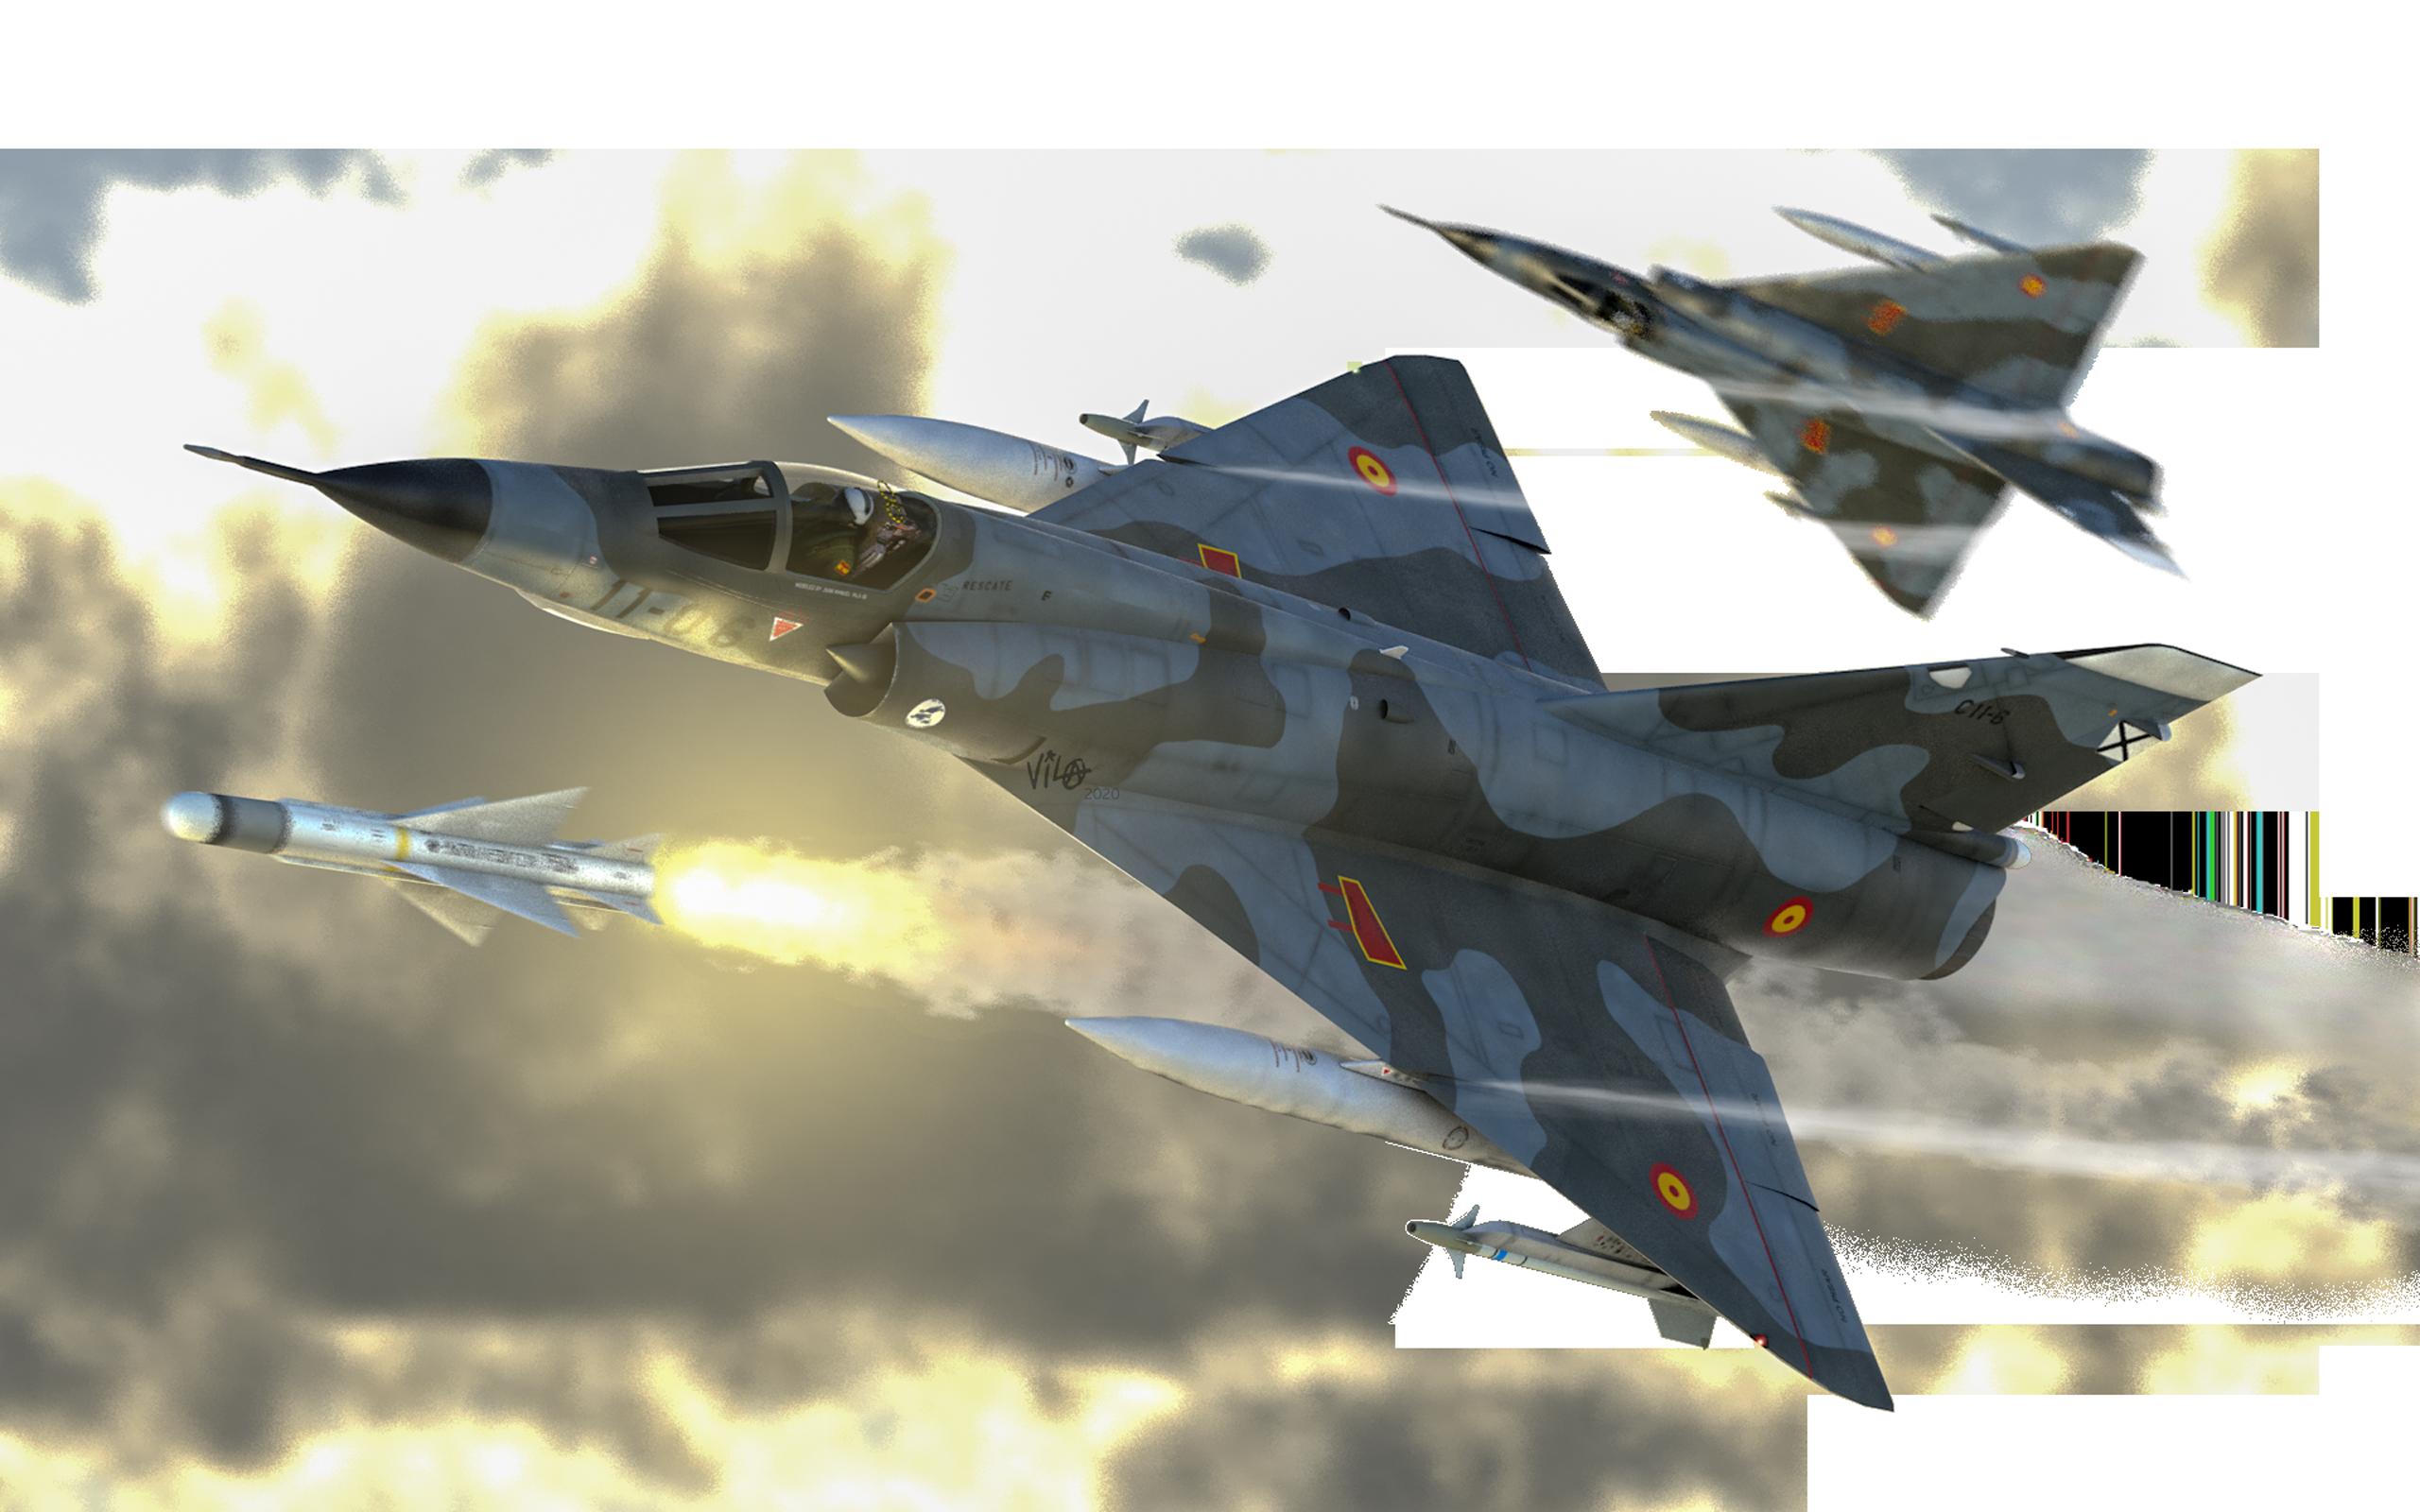 Mirage-III-2020-vuelo2-ok-misilOK